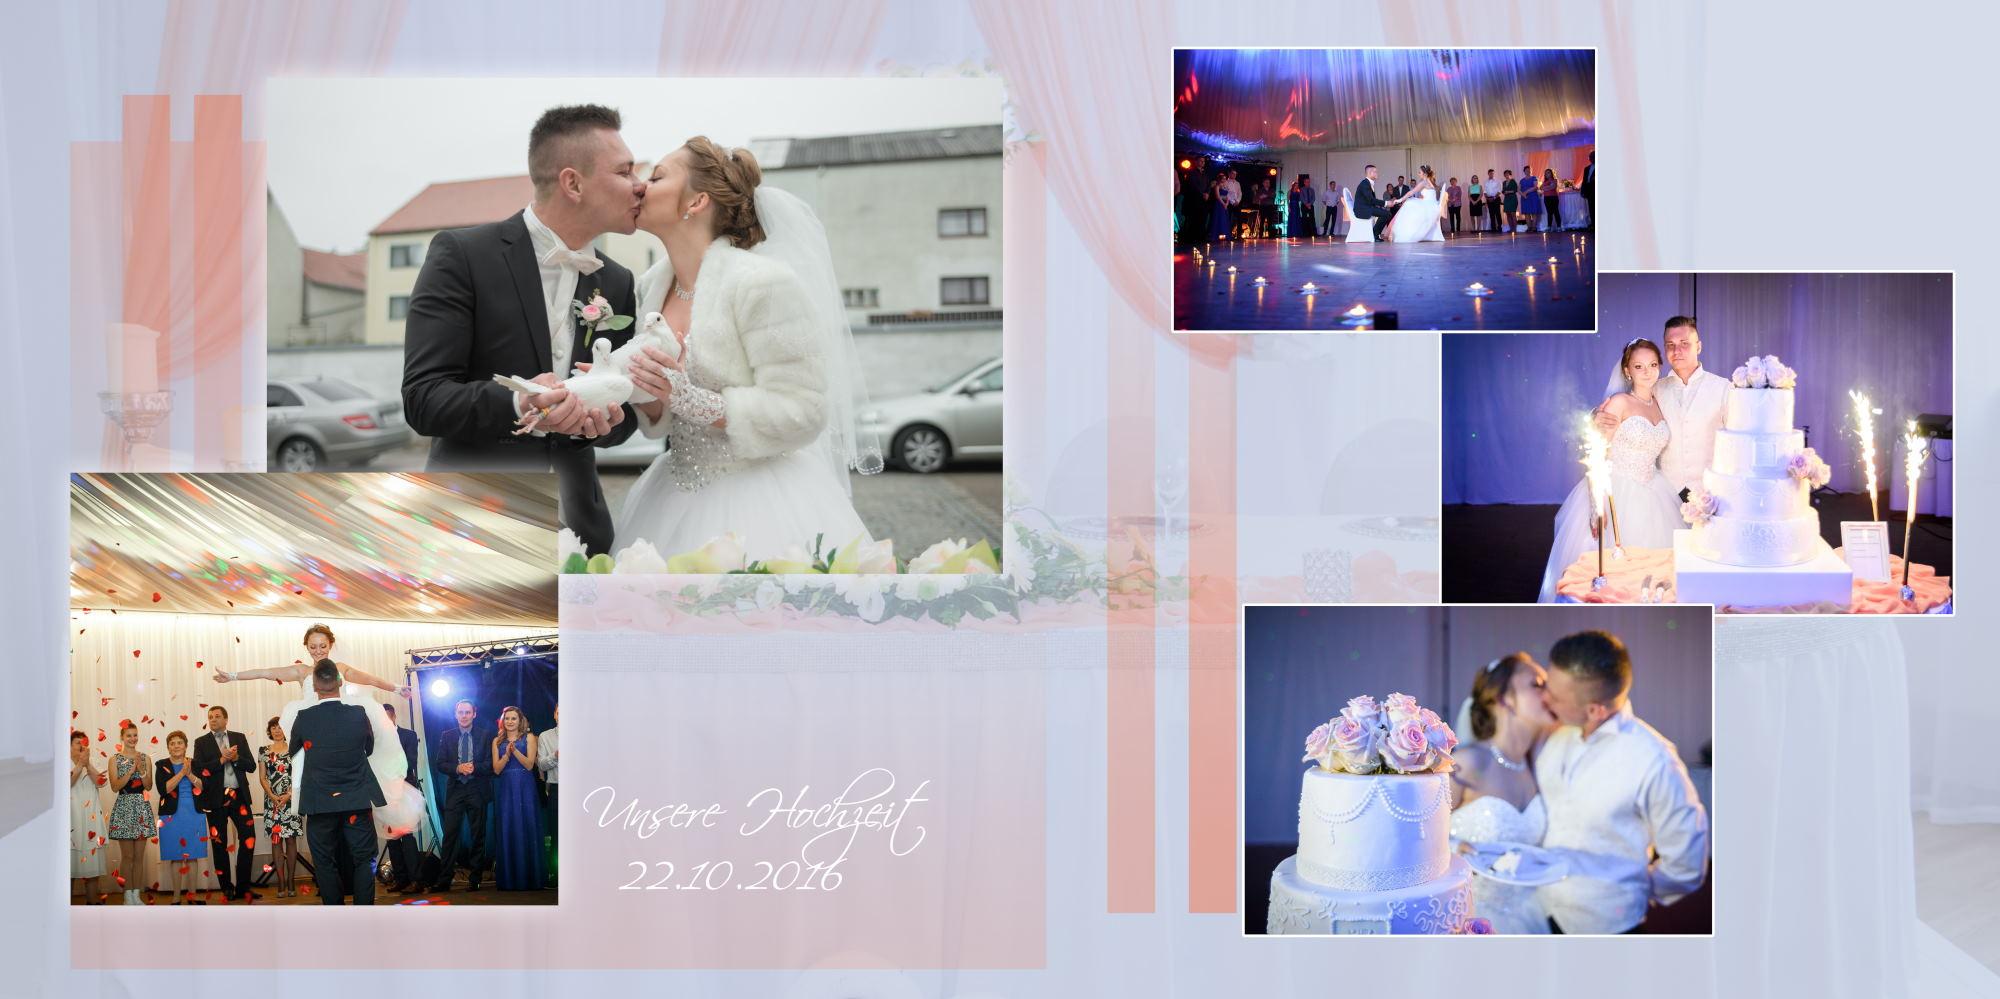 Und sie bekommen die schönsten Hochzeitsbilder von eurer Hochzeit